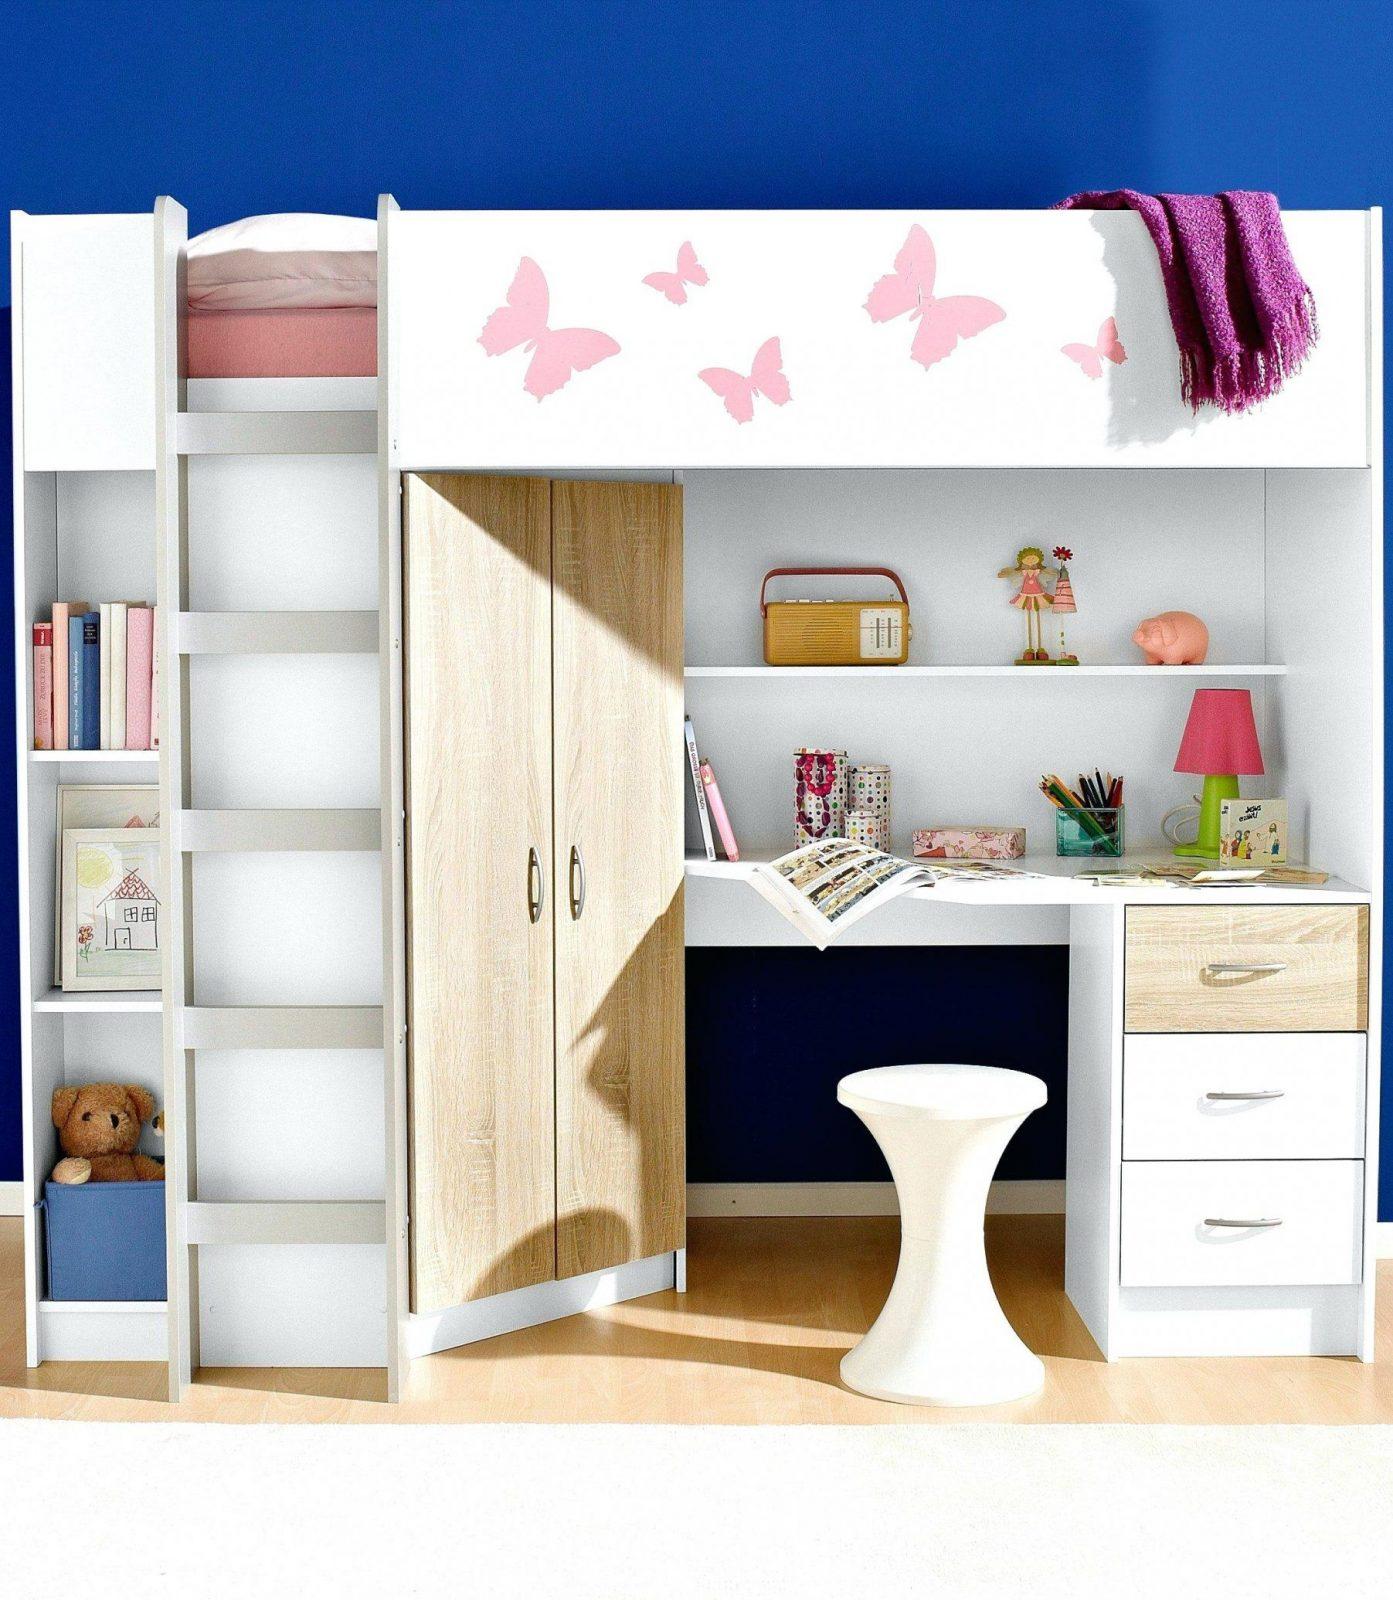 Hochbett Mit Schreibtisch Fazit Hochbetten Als Platzsparende von Ikea Hochbett Mit Schreibtisch Und Schrank Photo